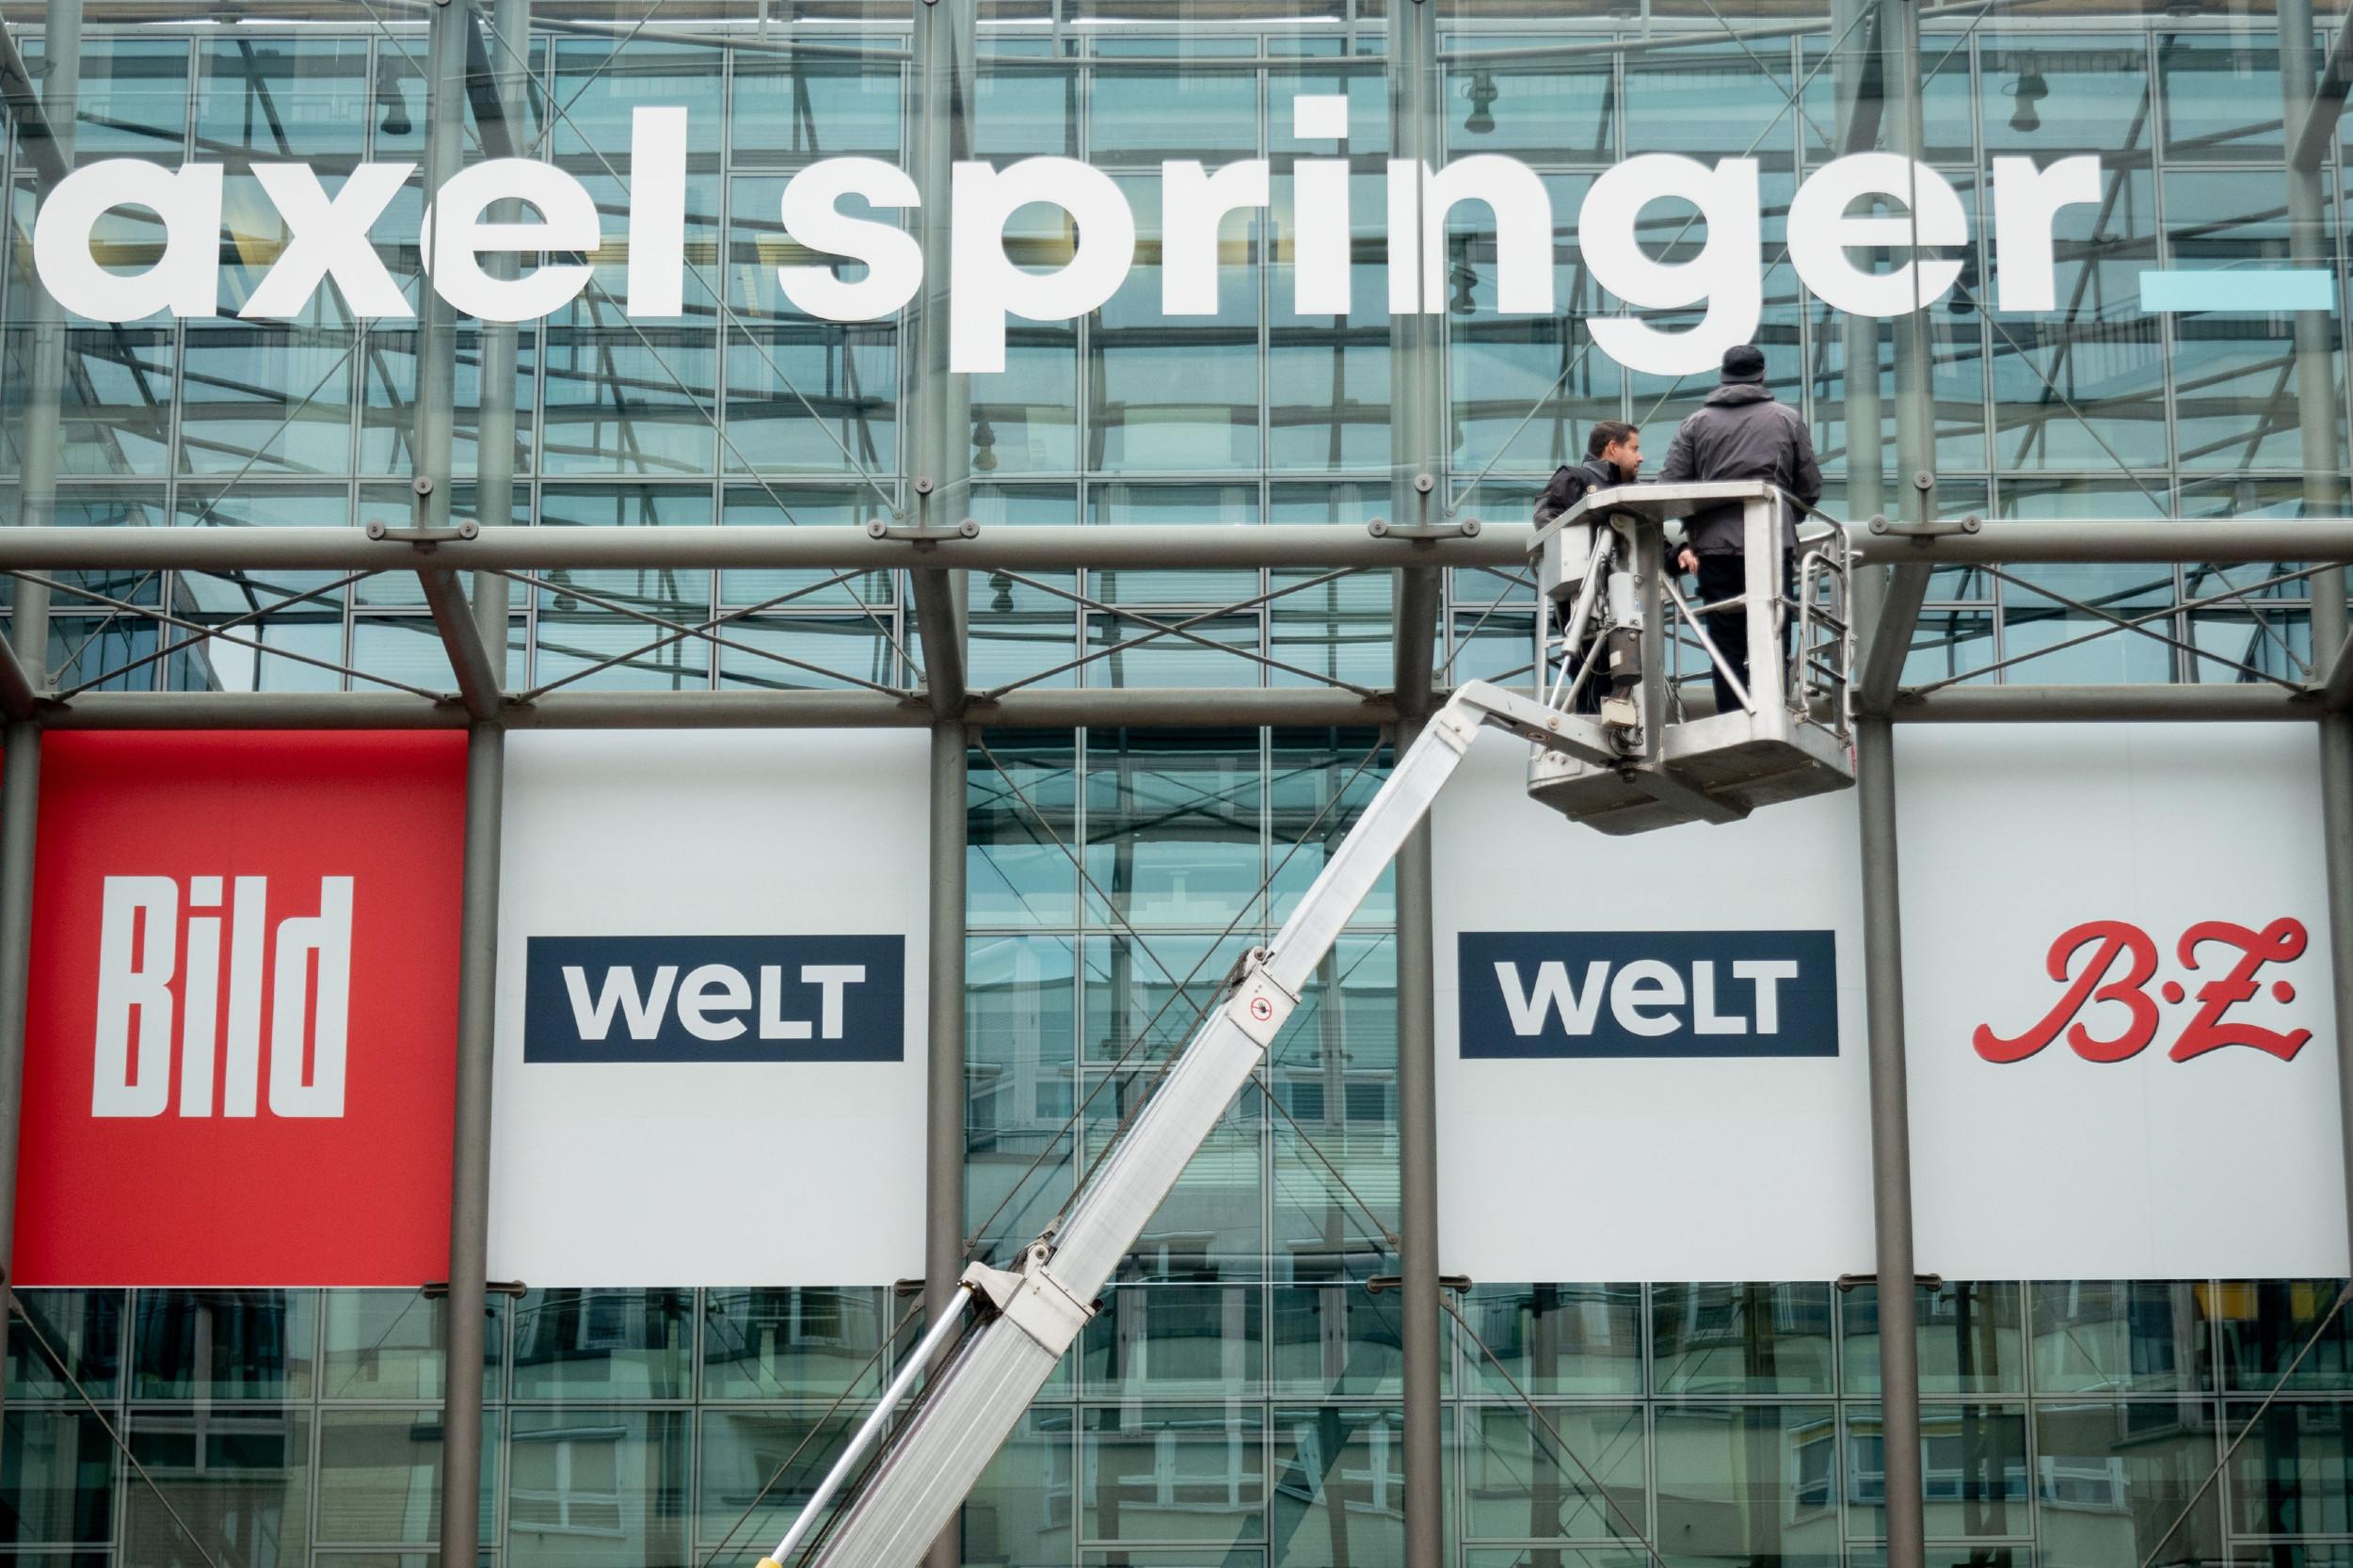 Radnici nameštaju banere na upravnoj zgradi kompanije Aksel Špringer u Berlinu (Foto: Kay Nietfeld/Getty Images)